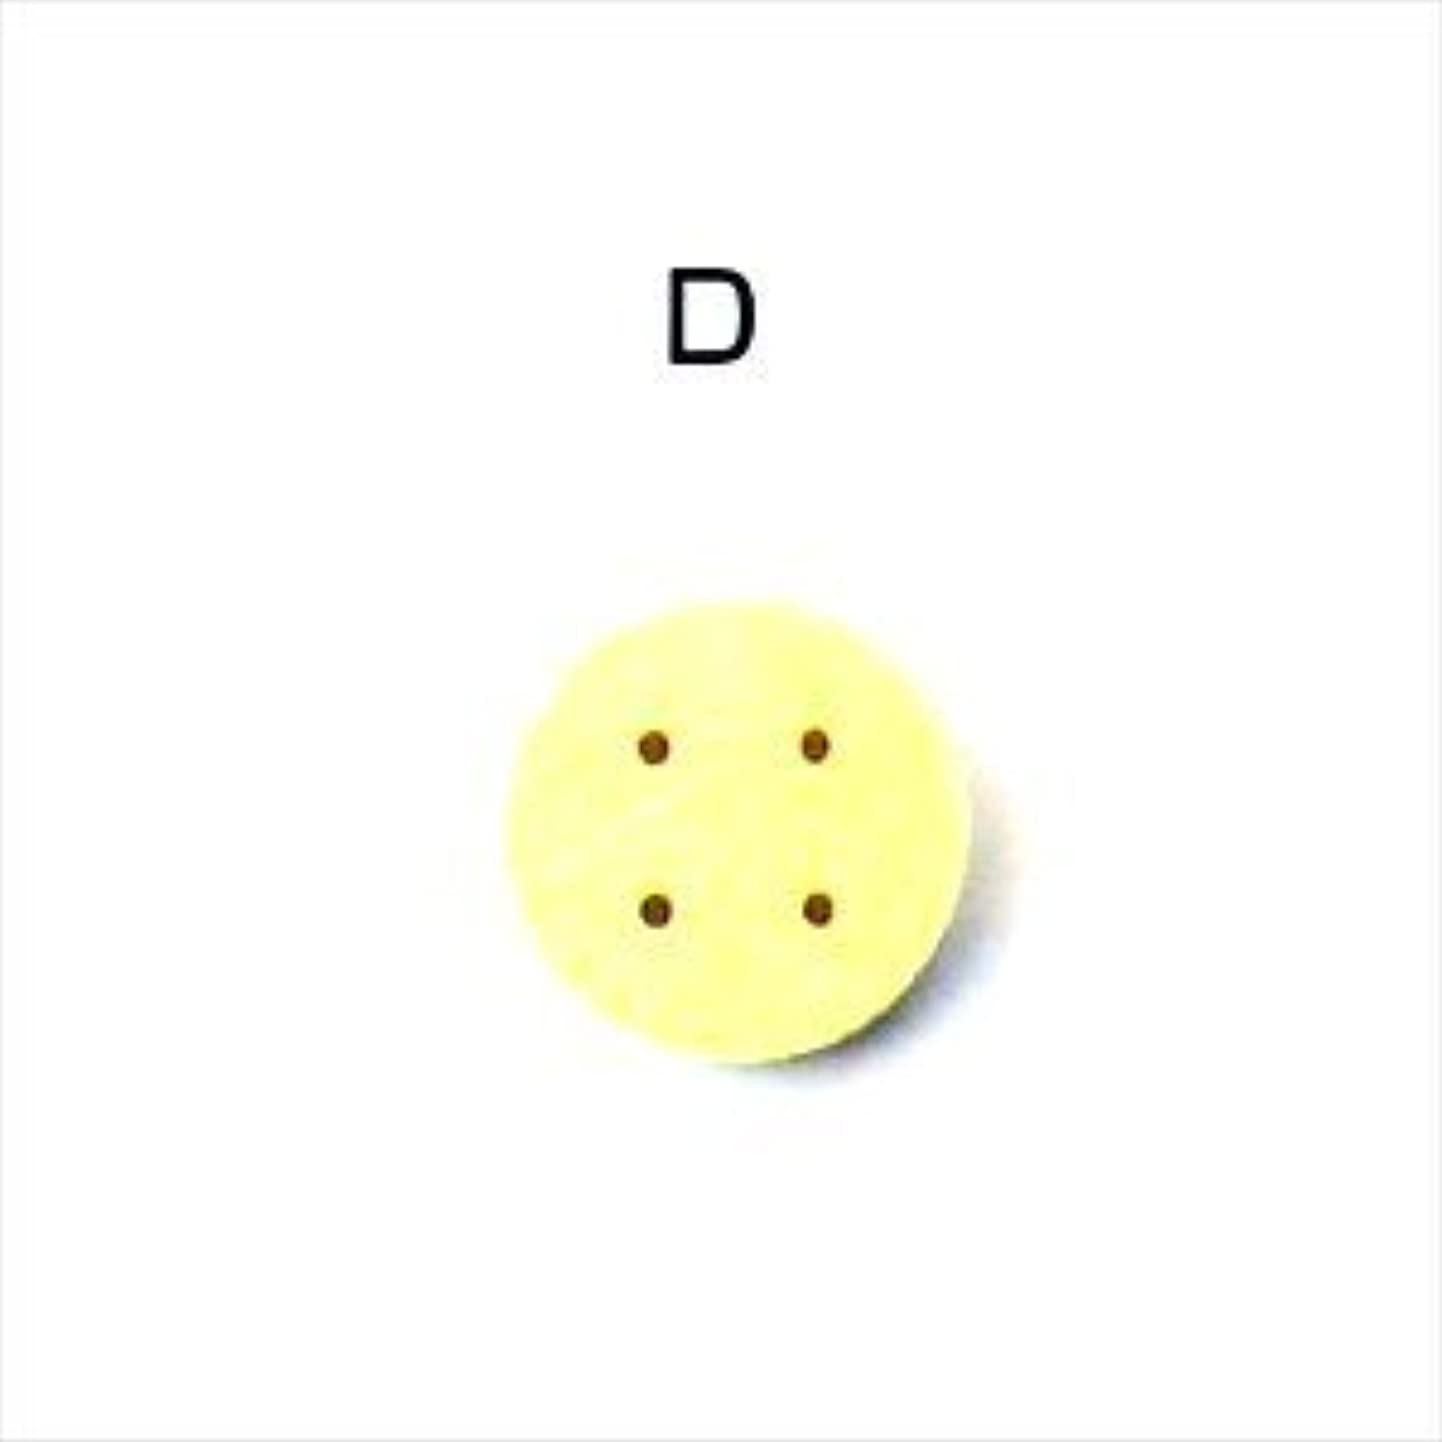 証明かなり再生的【メディカルブック】1.丸型 R-D スポンジ 4個入(SE-451D) - 干渉波?吸引用